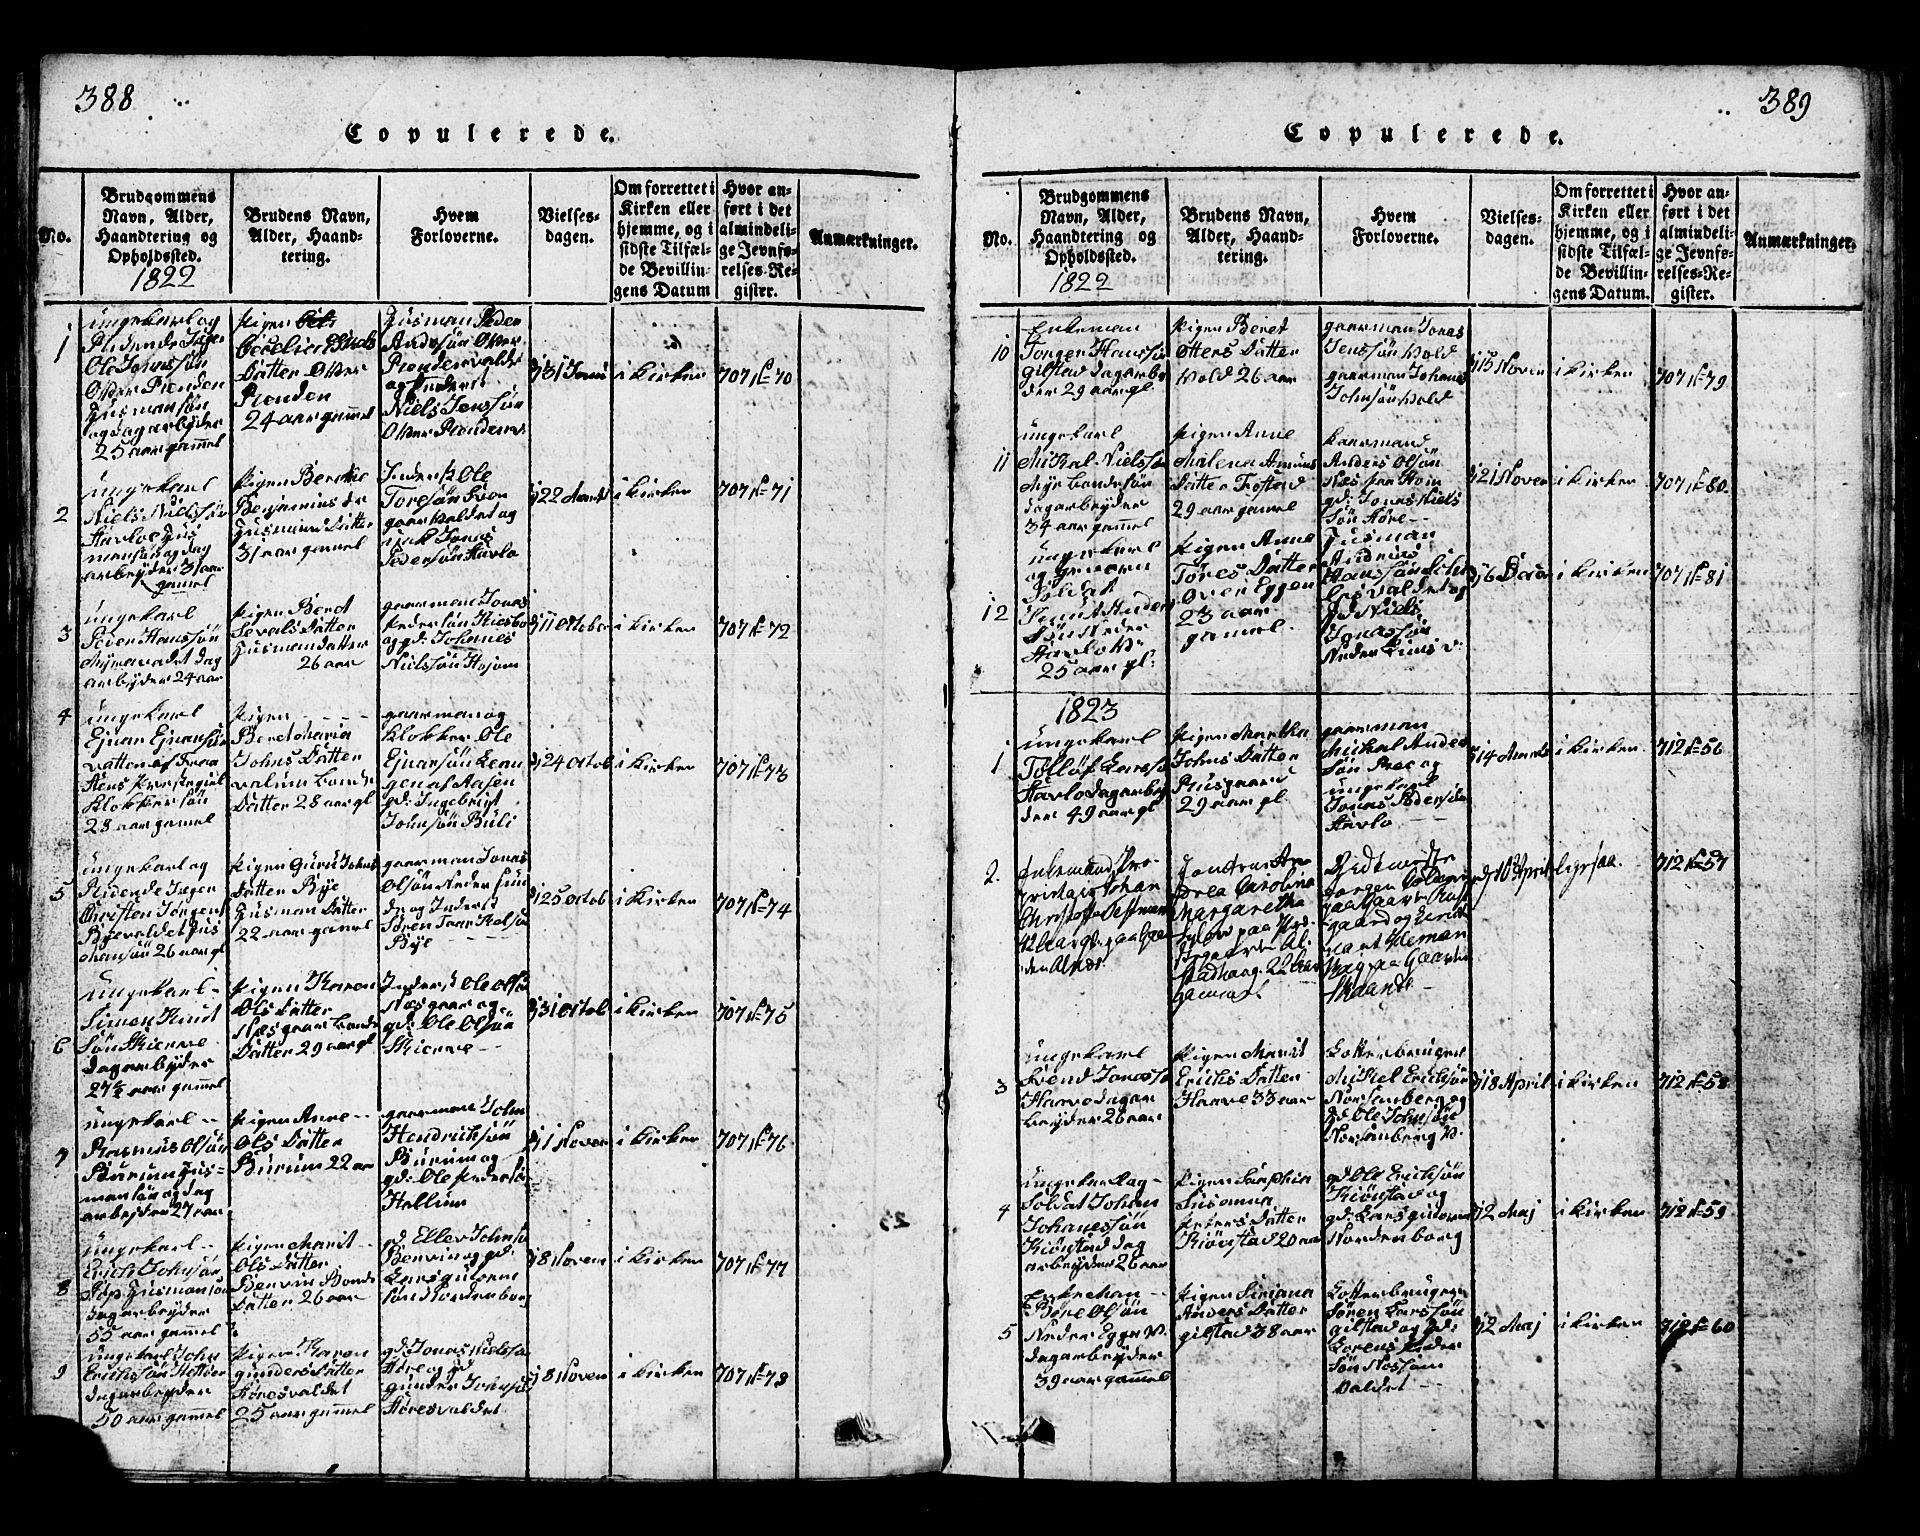 SAT, Ministerialprotokoller, klokkerbøker og fødselsregistre - Nord-Trøndelag, 717/L0169: Klokkerbok nr. 717C01, 1816-1834, s. 388-389